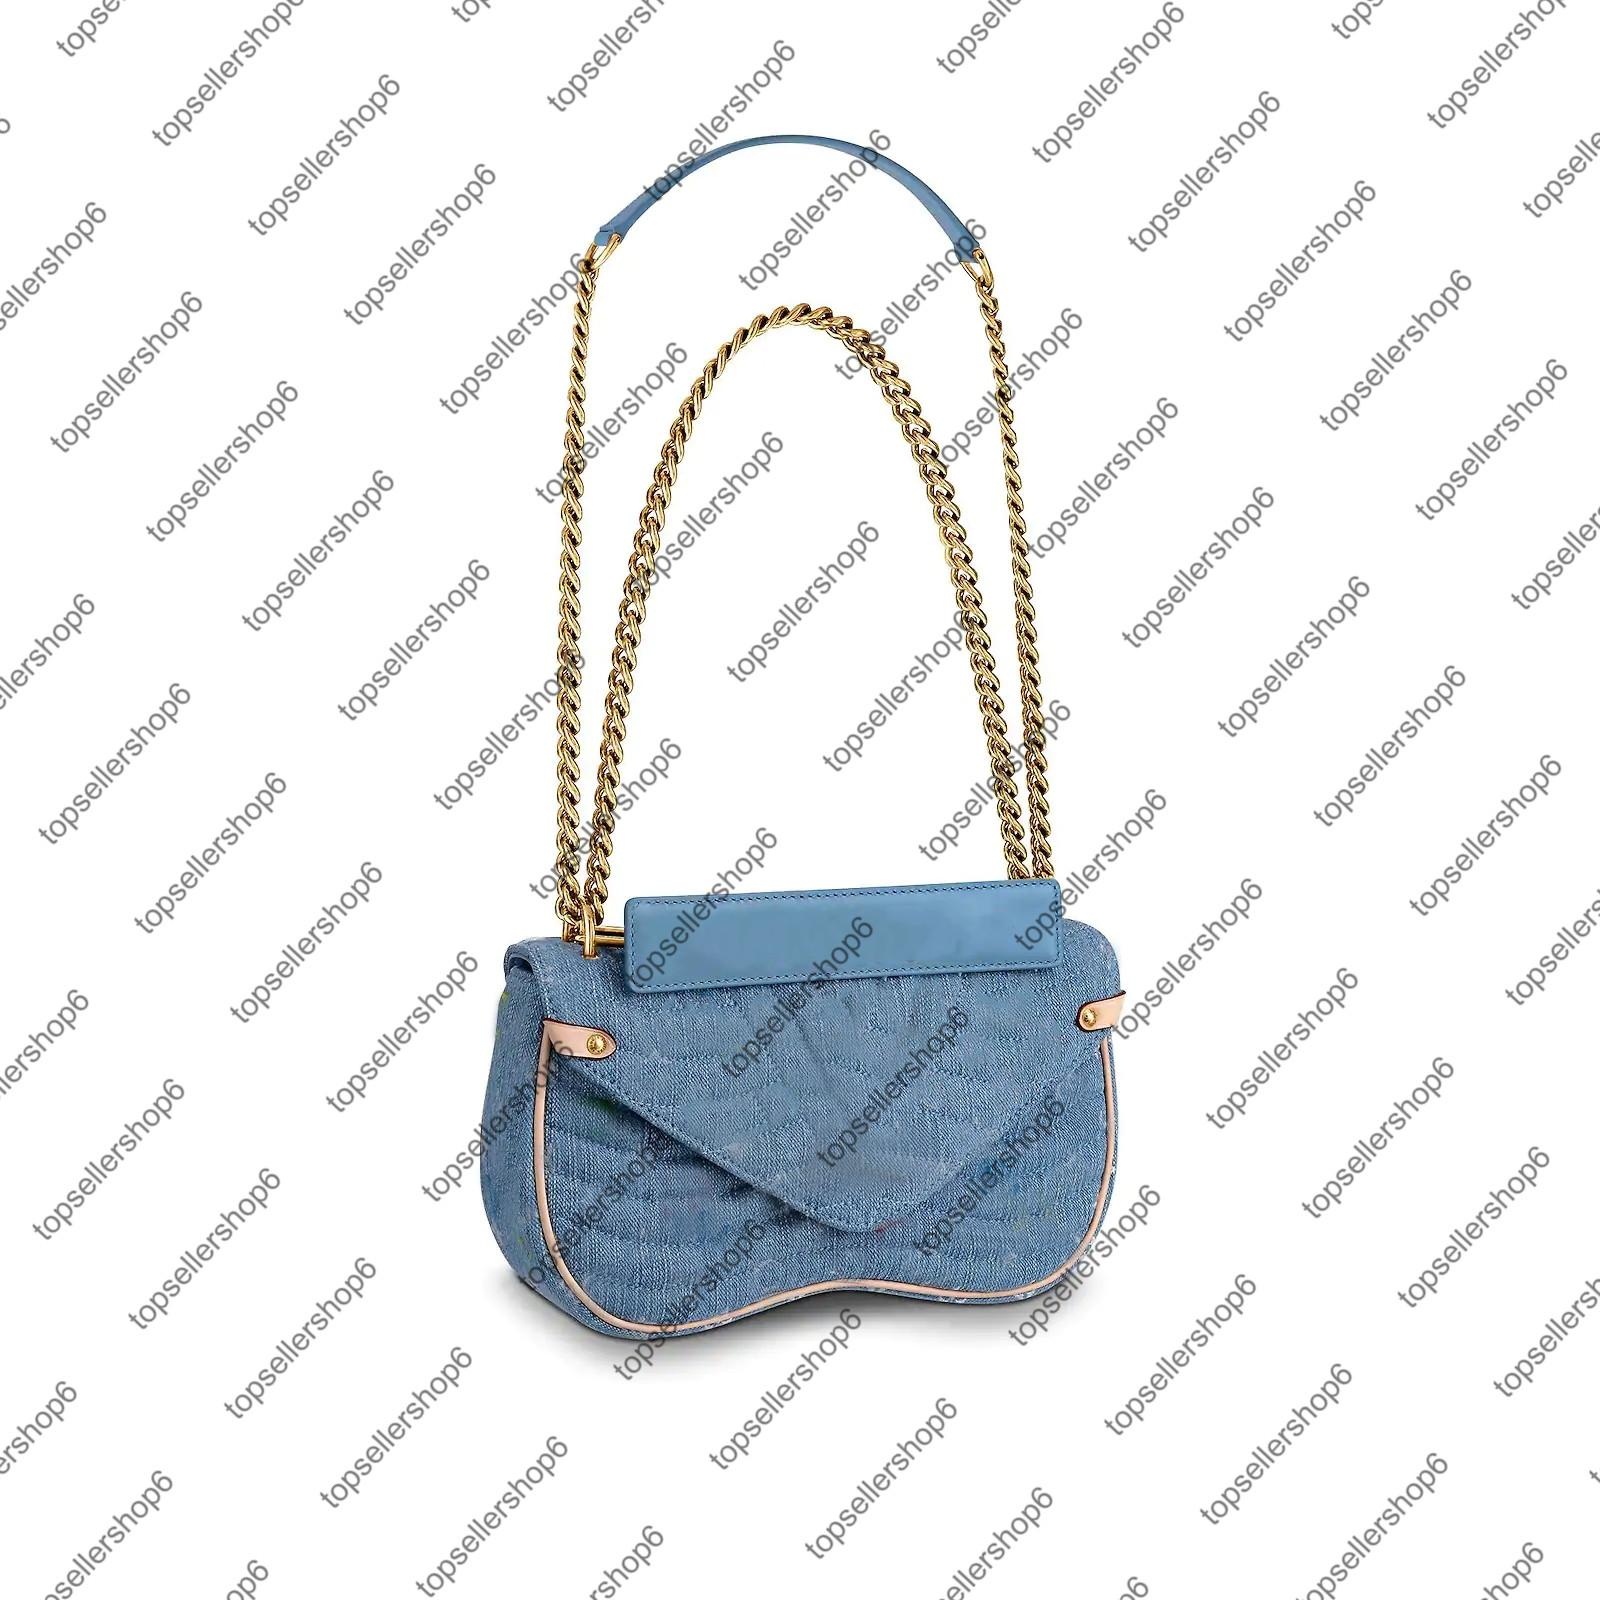 M53692 WAVE catena di borsa MM Women della tela Fiori fiore Denim bag tracolla a catena in oro borsa borsa borsetta sera crossbody